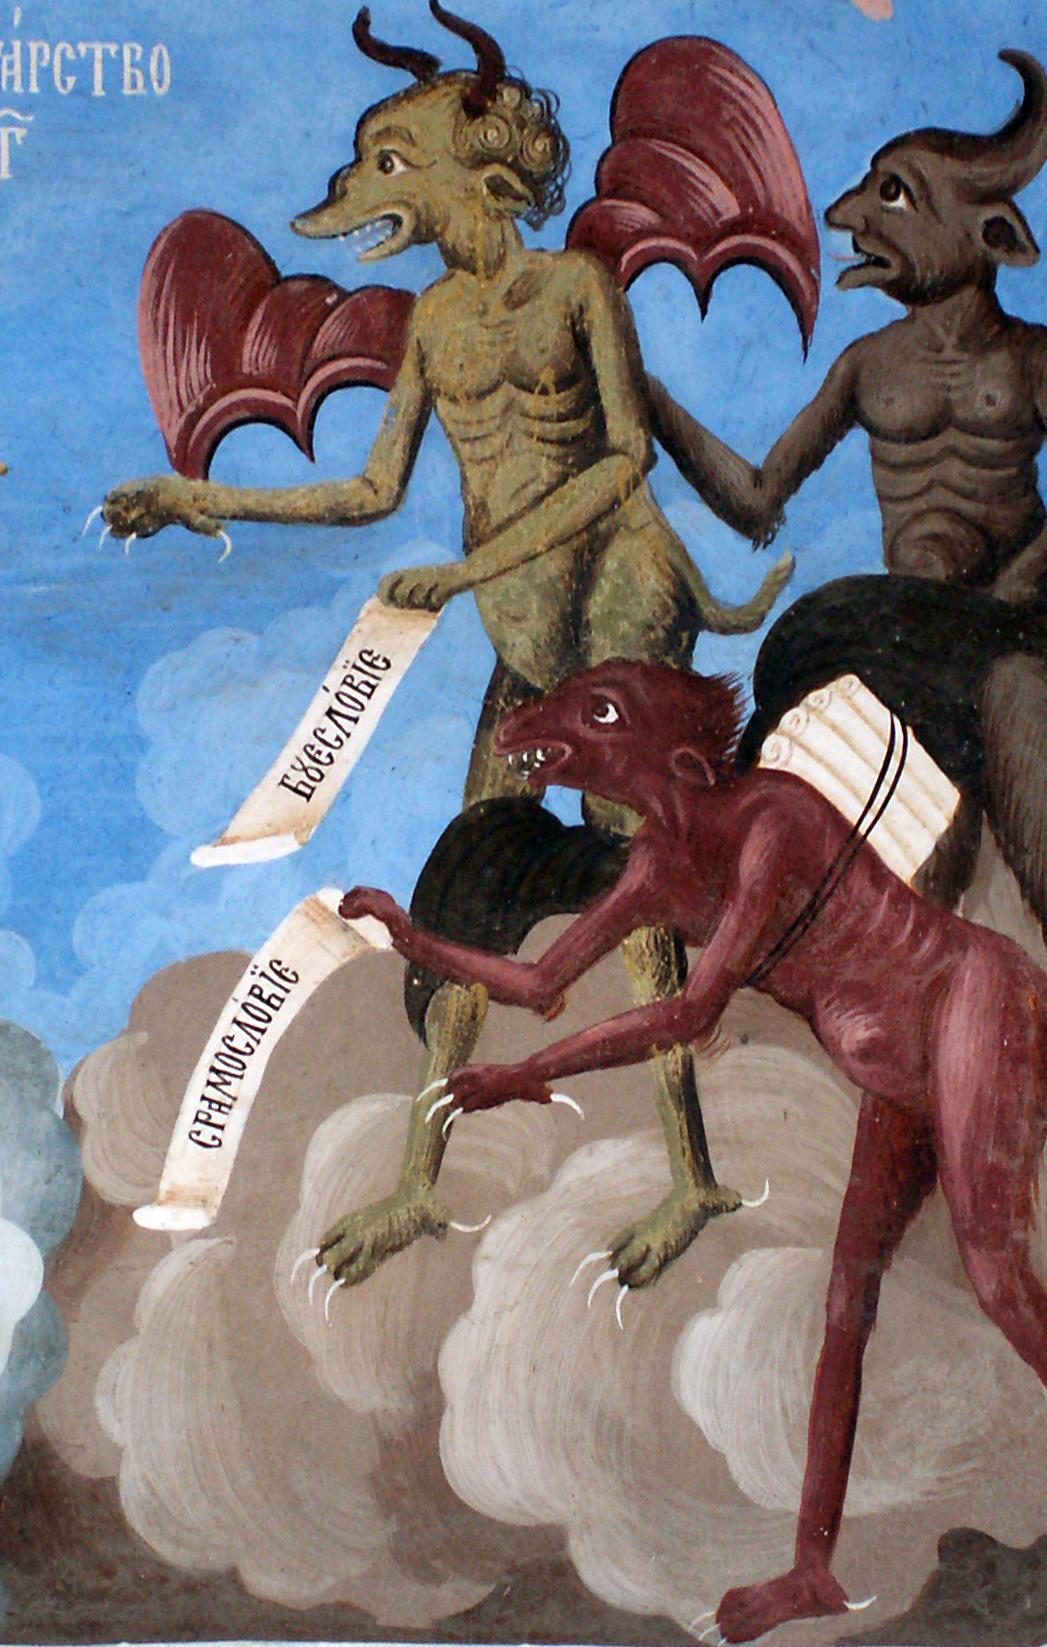 DEVILS FUTURE